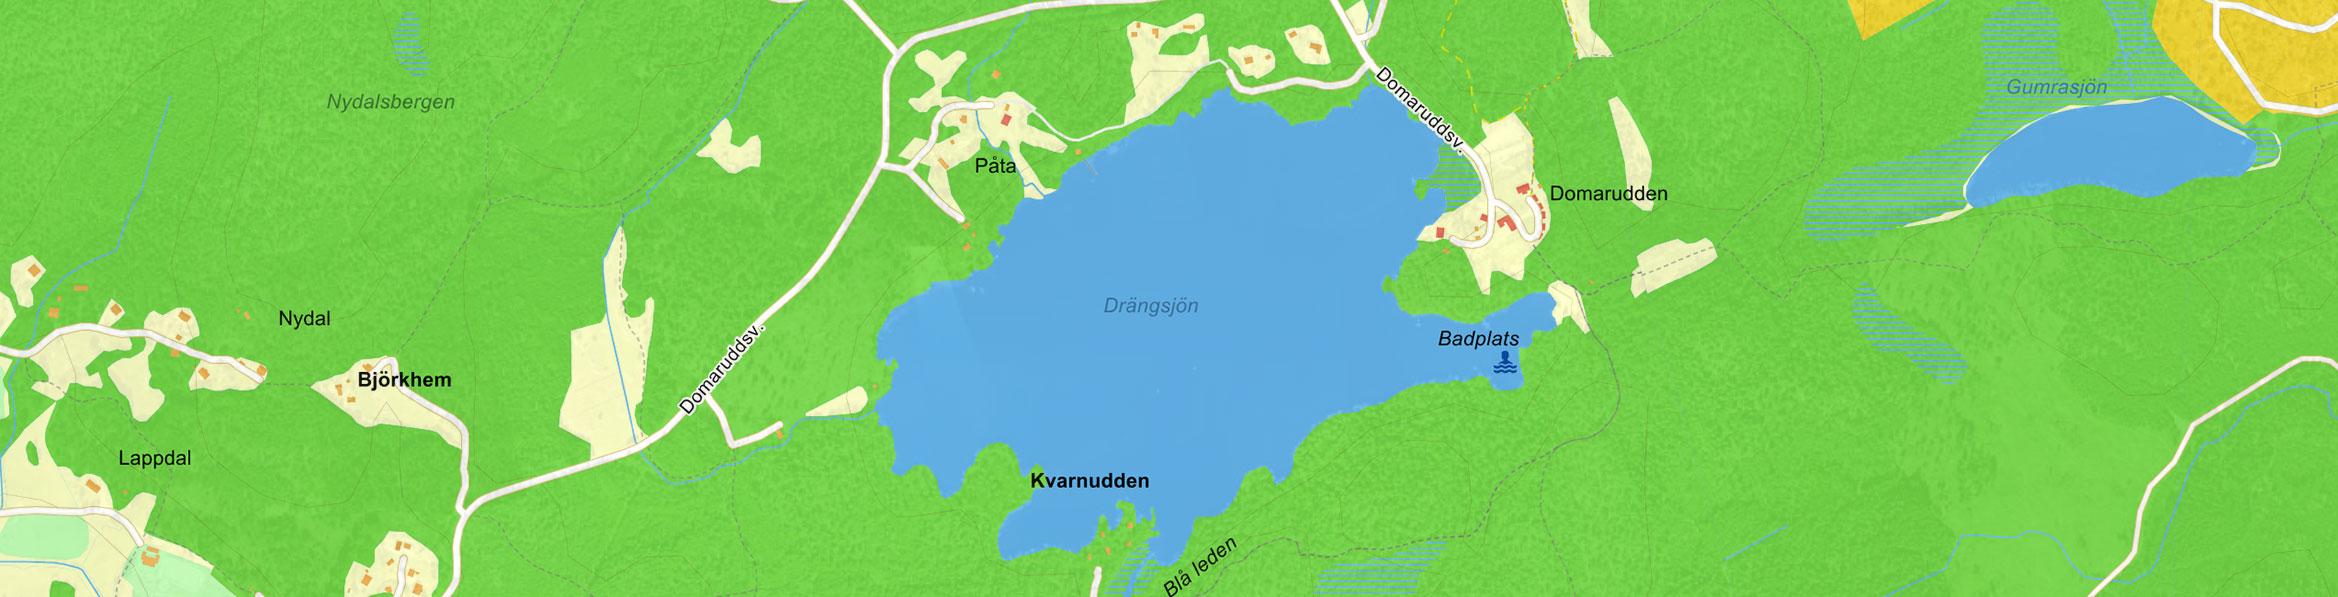 Domaruddsvägen 70, 184 91 Åkersberga, Sverige